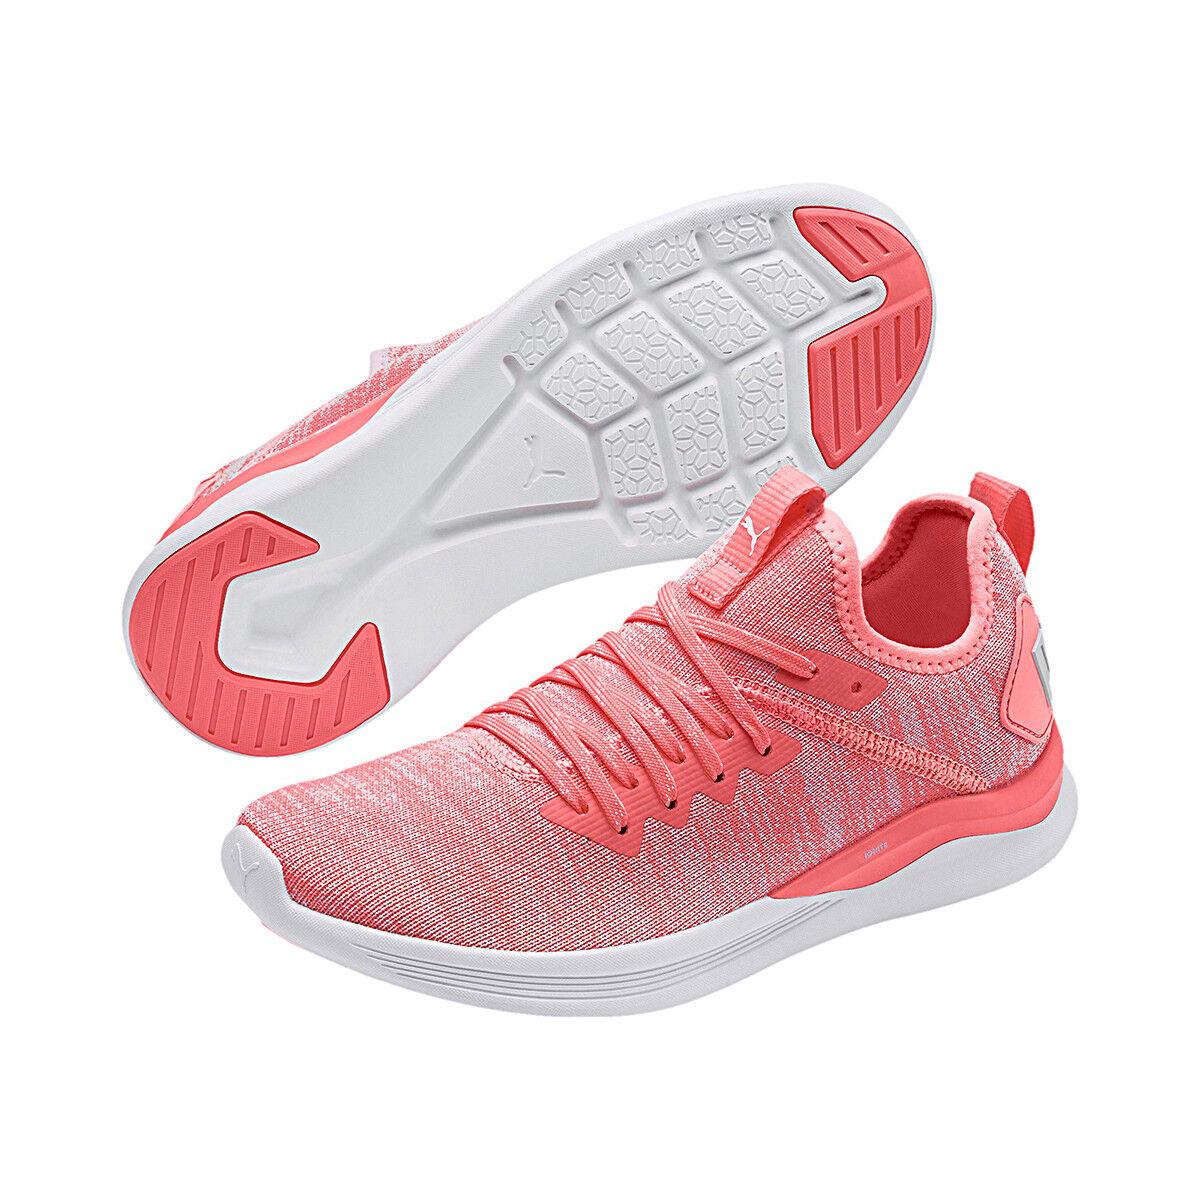 Puma Ignite Flash Flash Flash Evoknit Zapatillas Jogging Mujer Zapatos para Fitness 190511  más orden